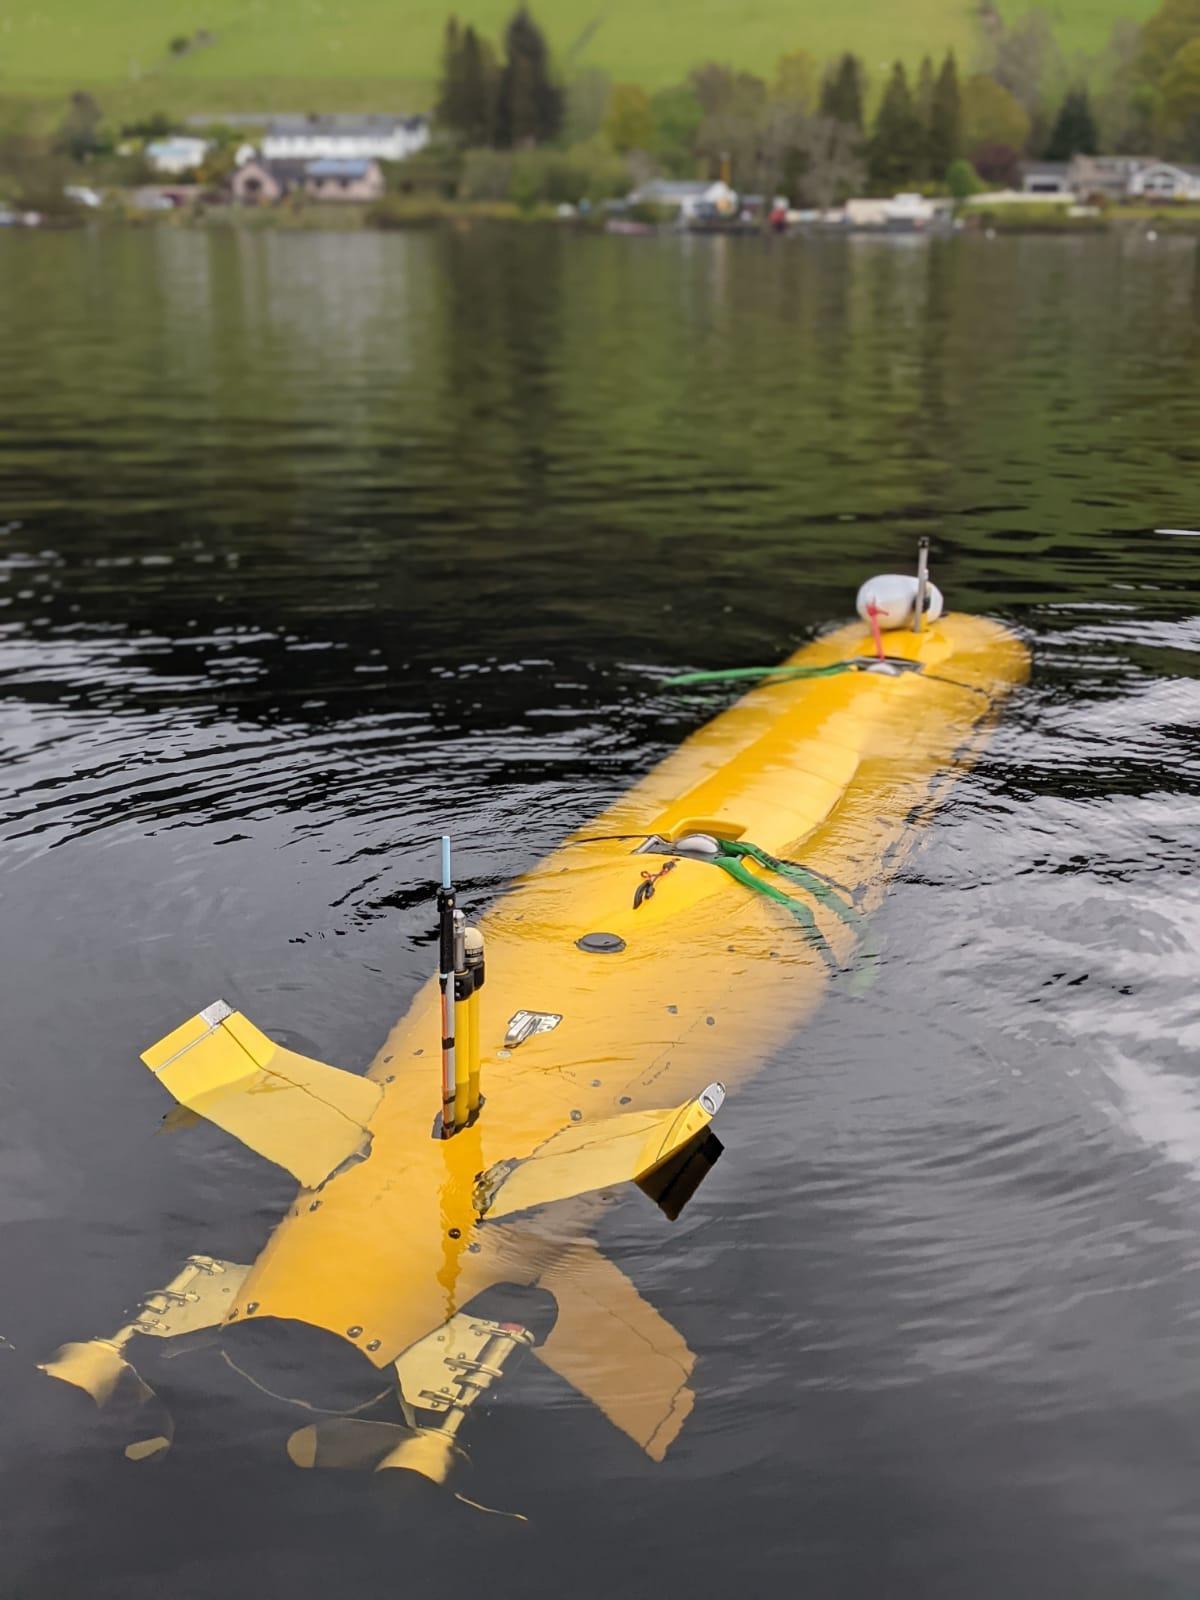 A2KUI underwater in Loch Ness